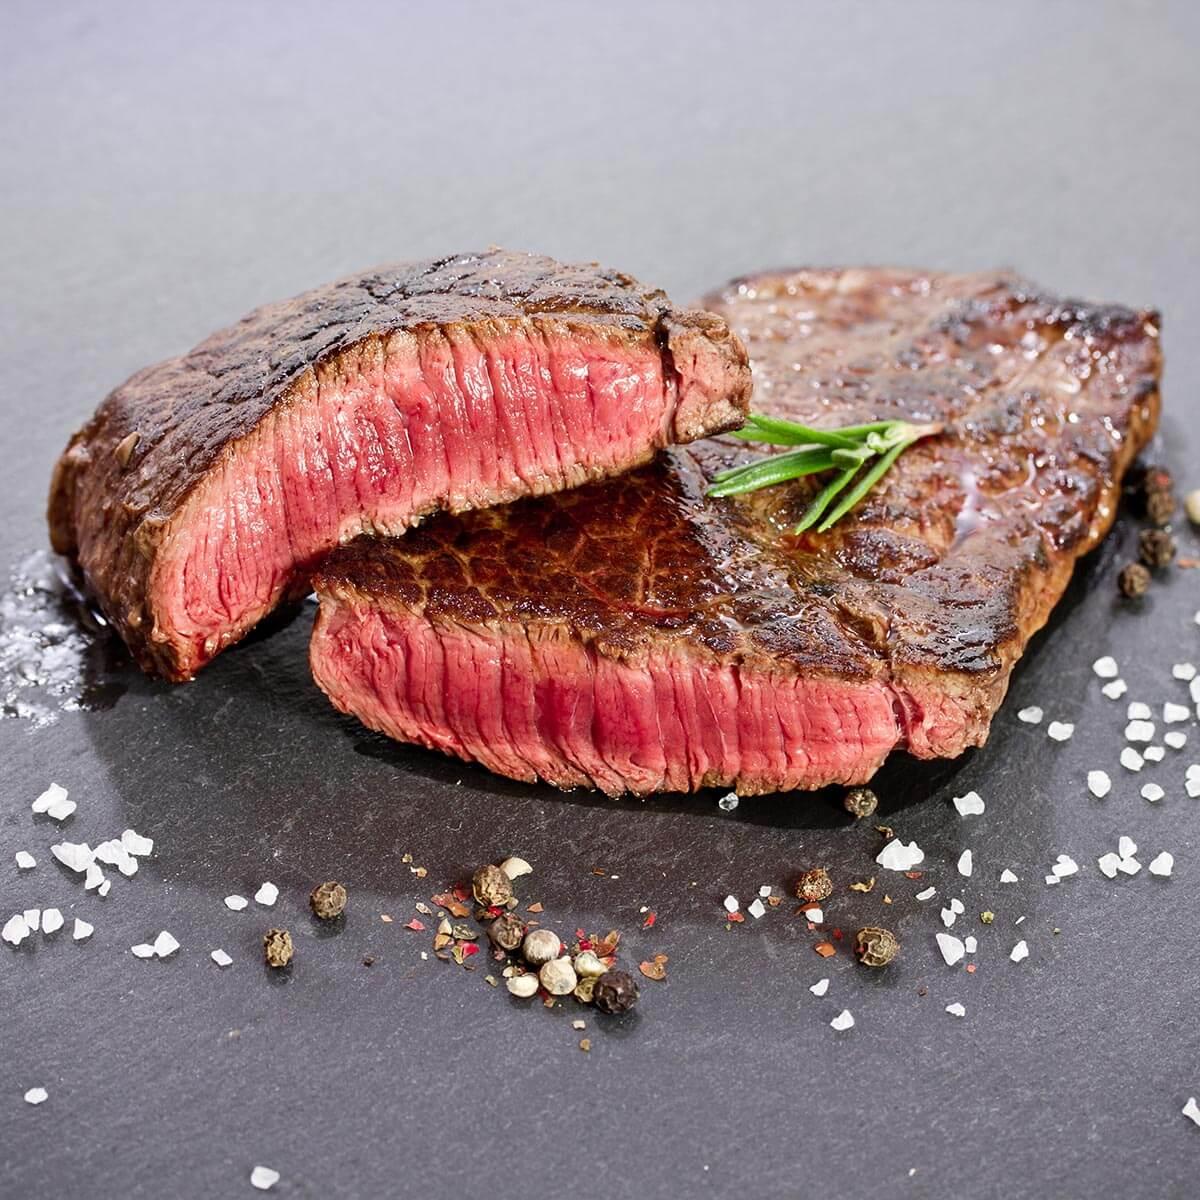 Dryaged Steak